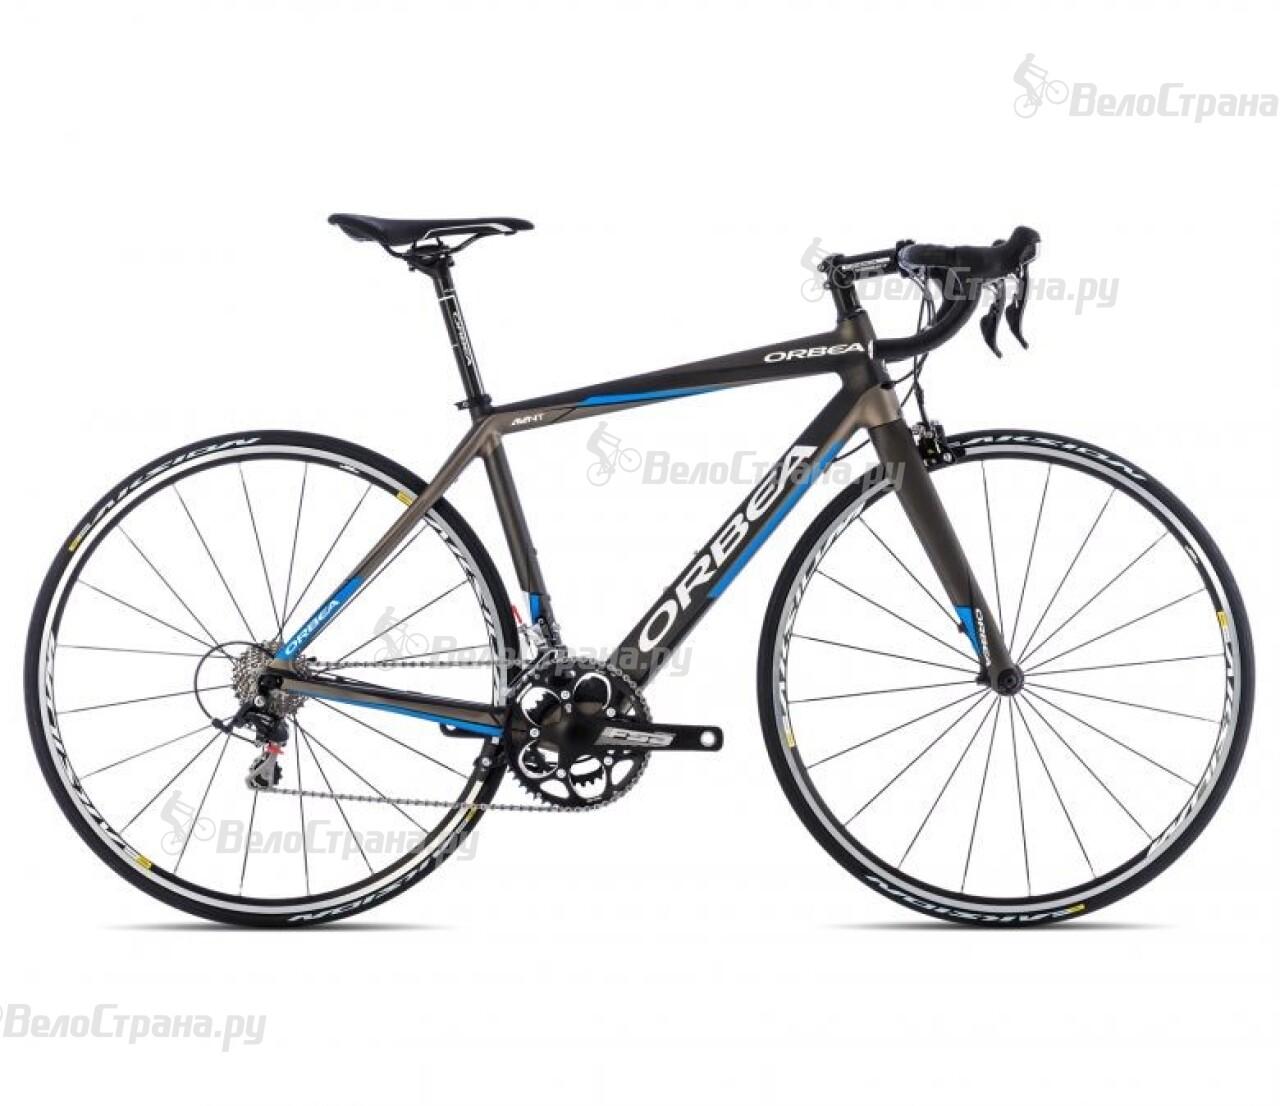 Велосипед Orbea Avant M50 (2014) велосипед wheeler protron 50 2014